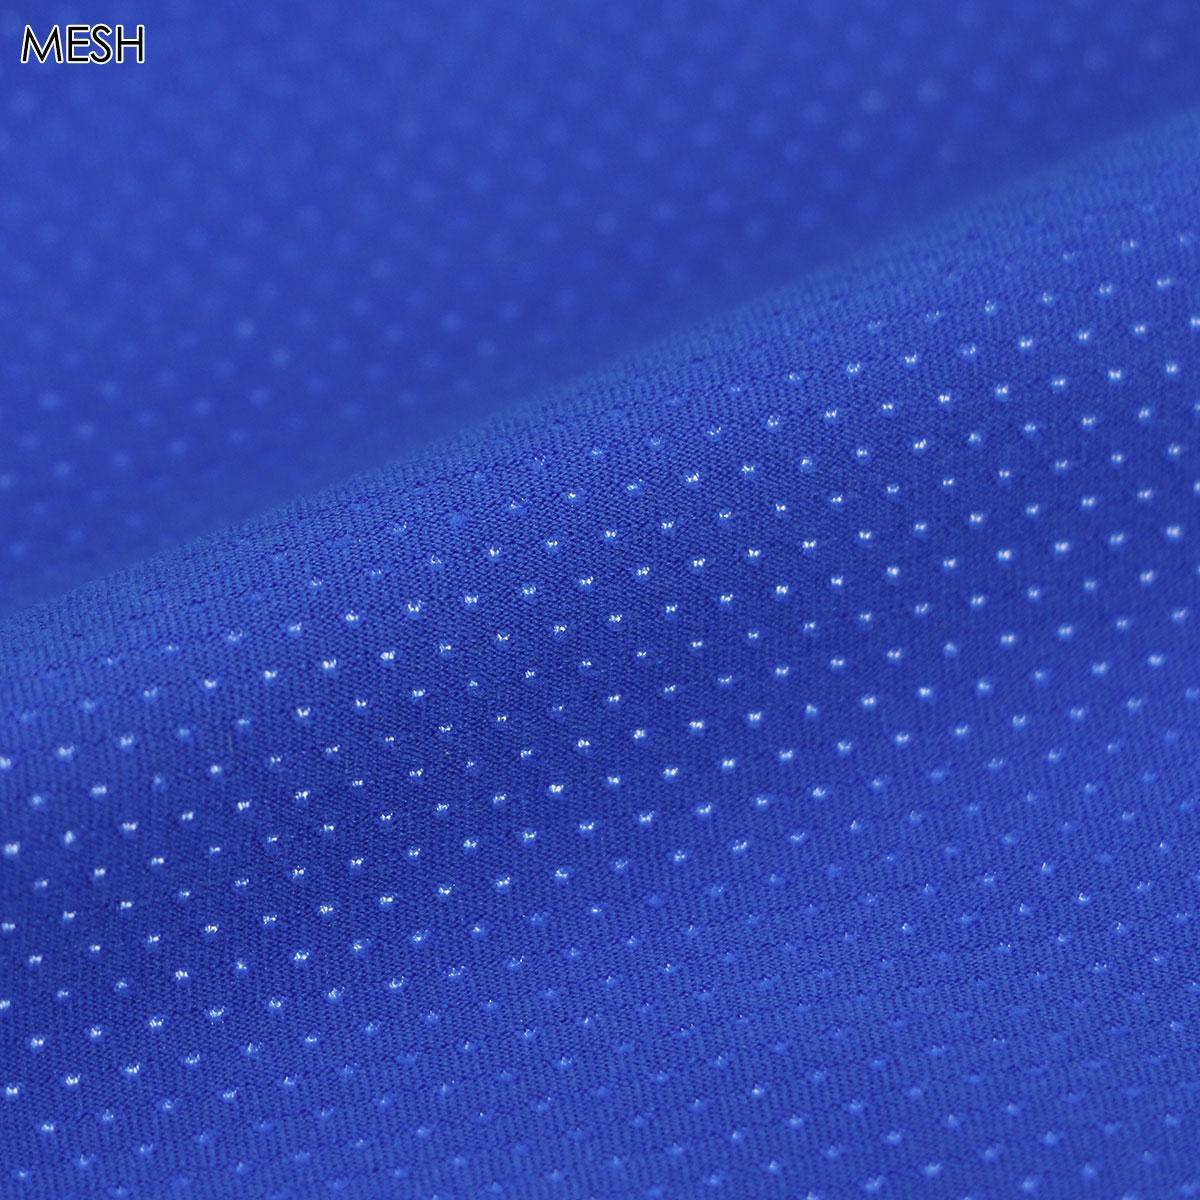 Calvin Klein カルバンクライン Air FX Tech MICRO LOW RISE TRUNK エアFXテック マイクロ ローライズ ボクサーパンツ 53612753 NB2753 日本サイズ(M・L・XL) 男性 メンズ 紳士 プレゼント ギフト【ゆうパケット・2点まで】